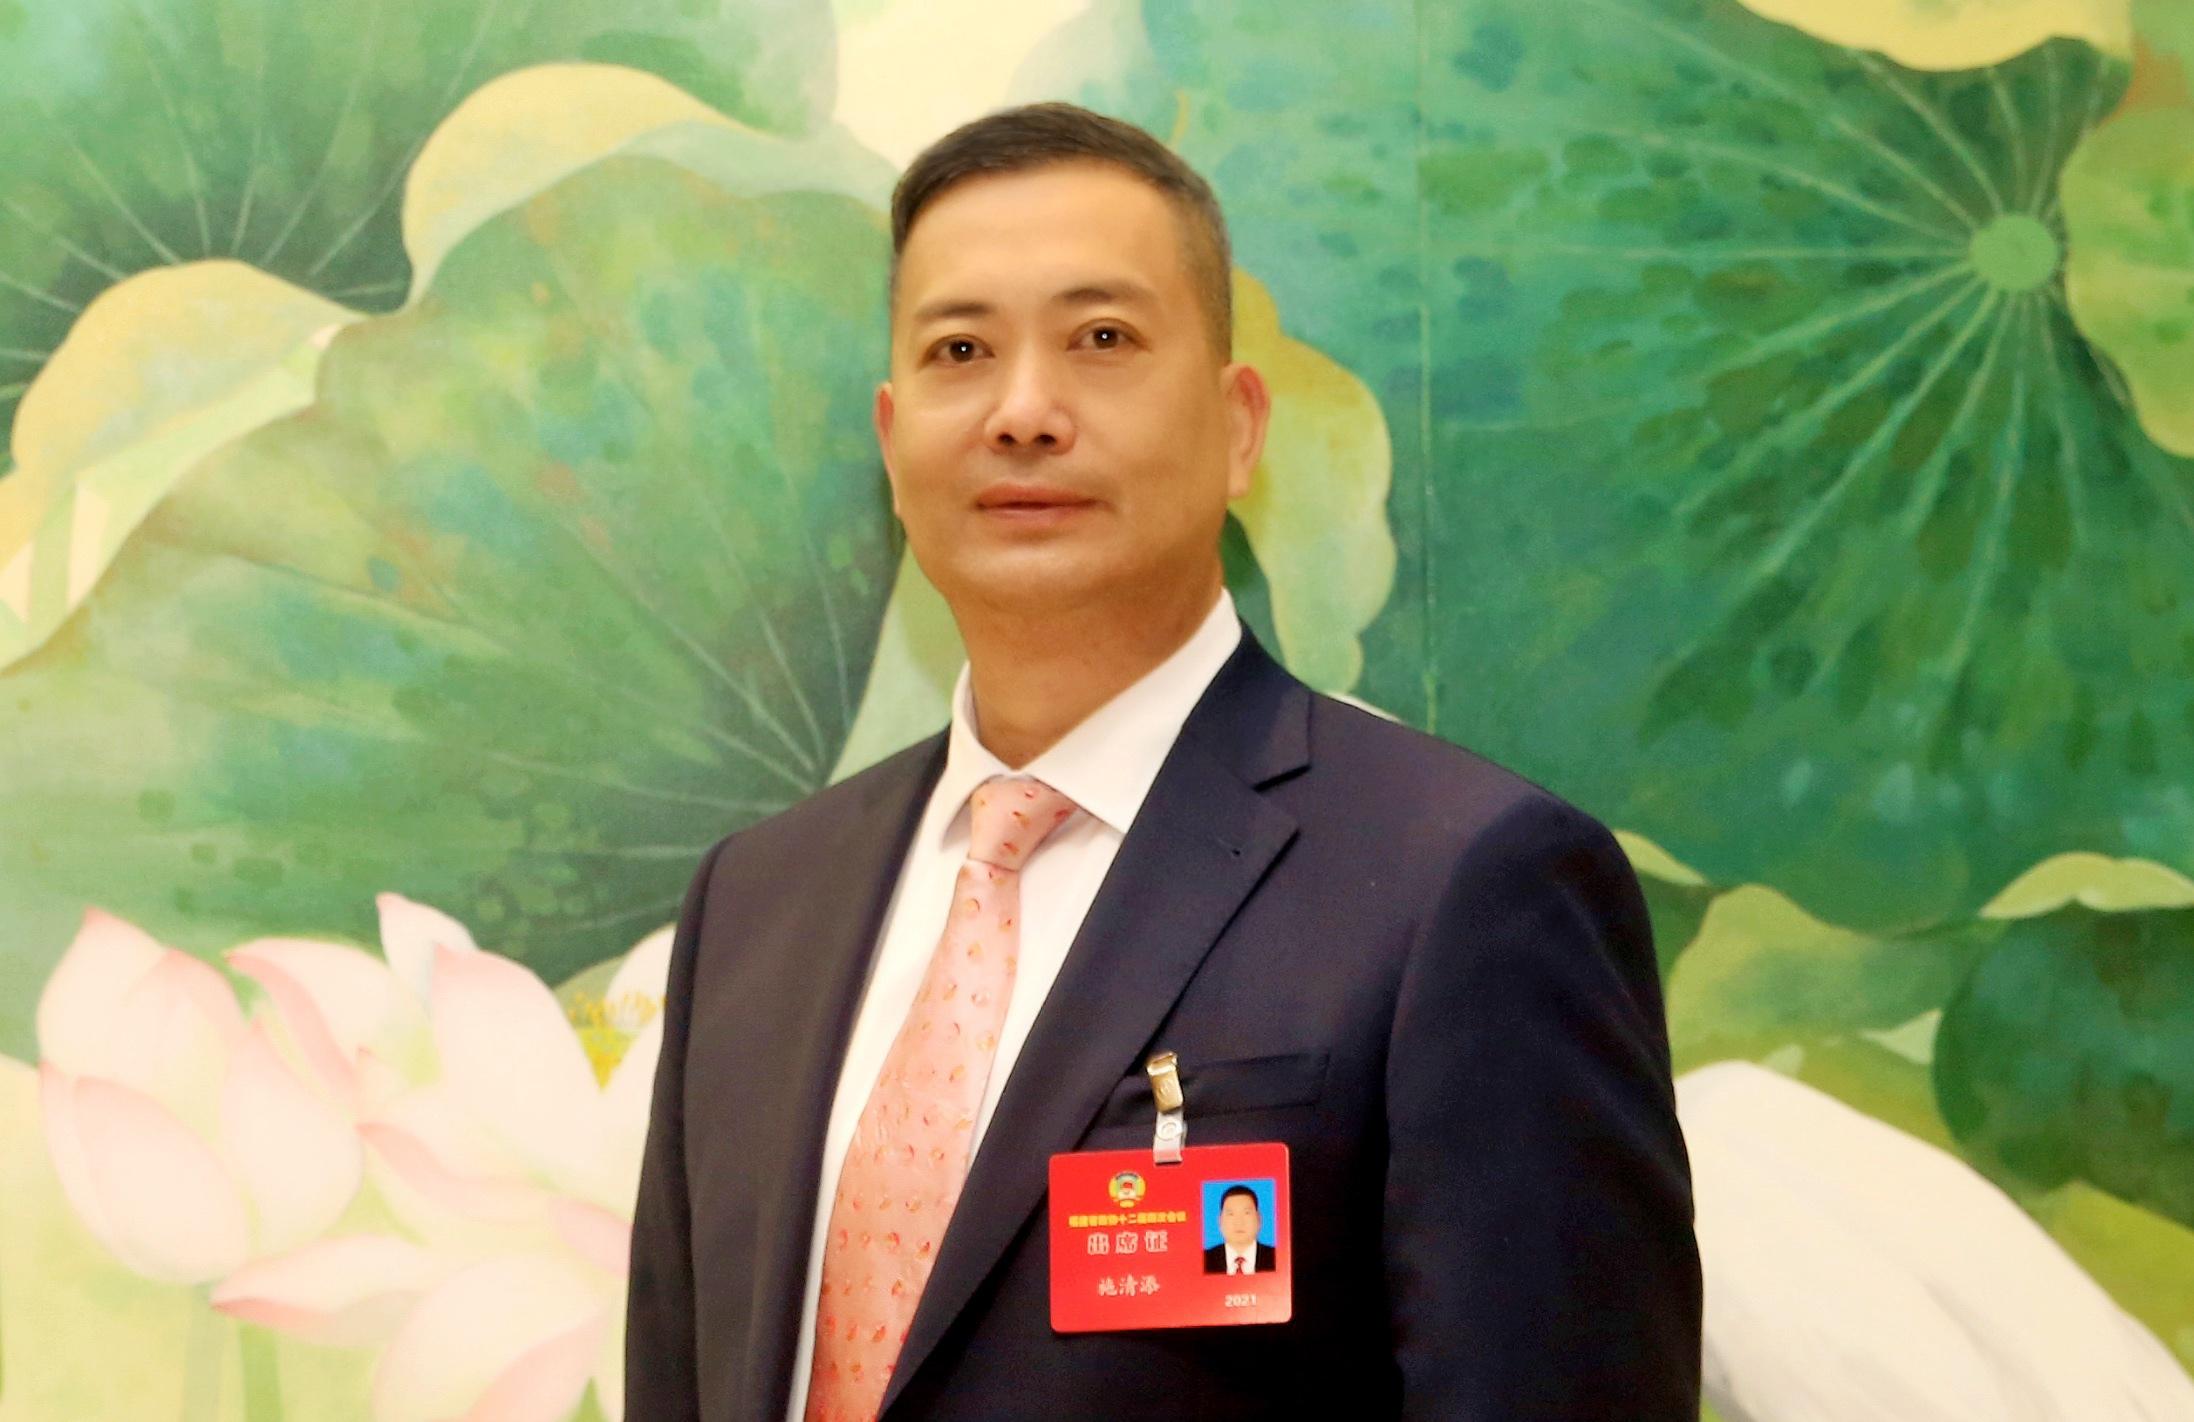 福建省政协委员施清添:只有爱国者治港香港明天才会更好